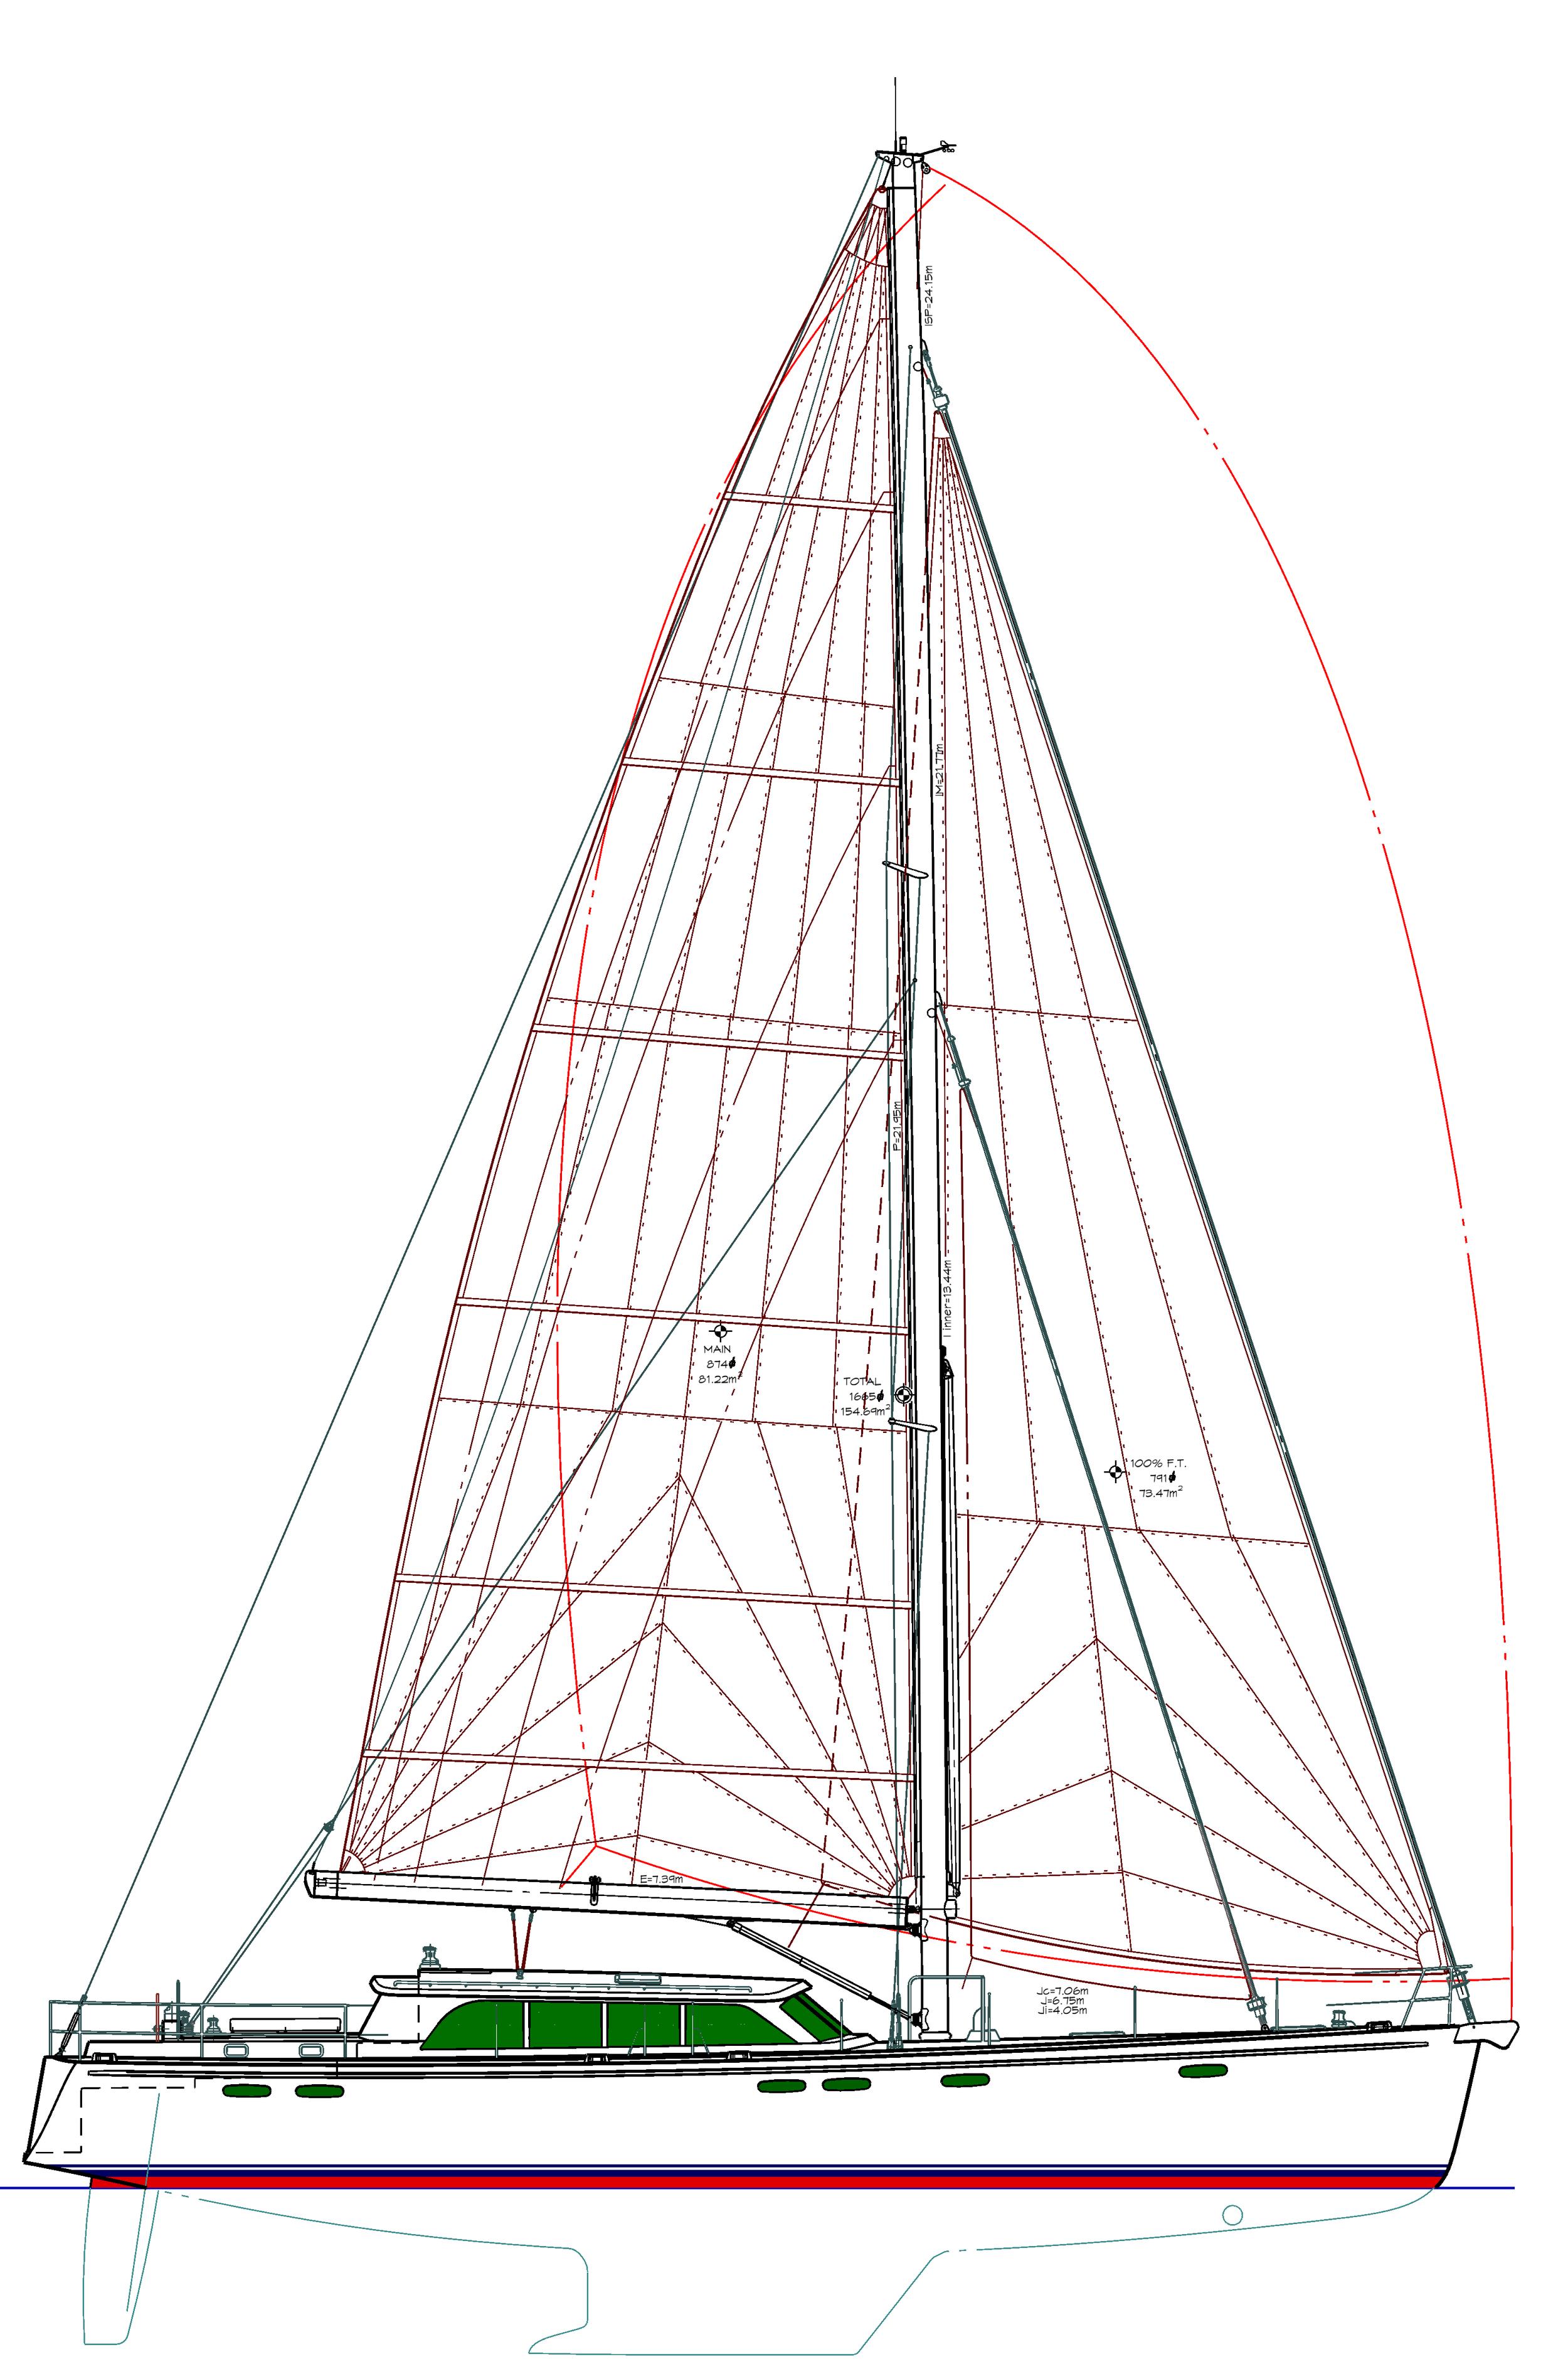 huff_60_sail_plan.png